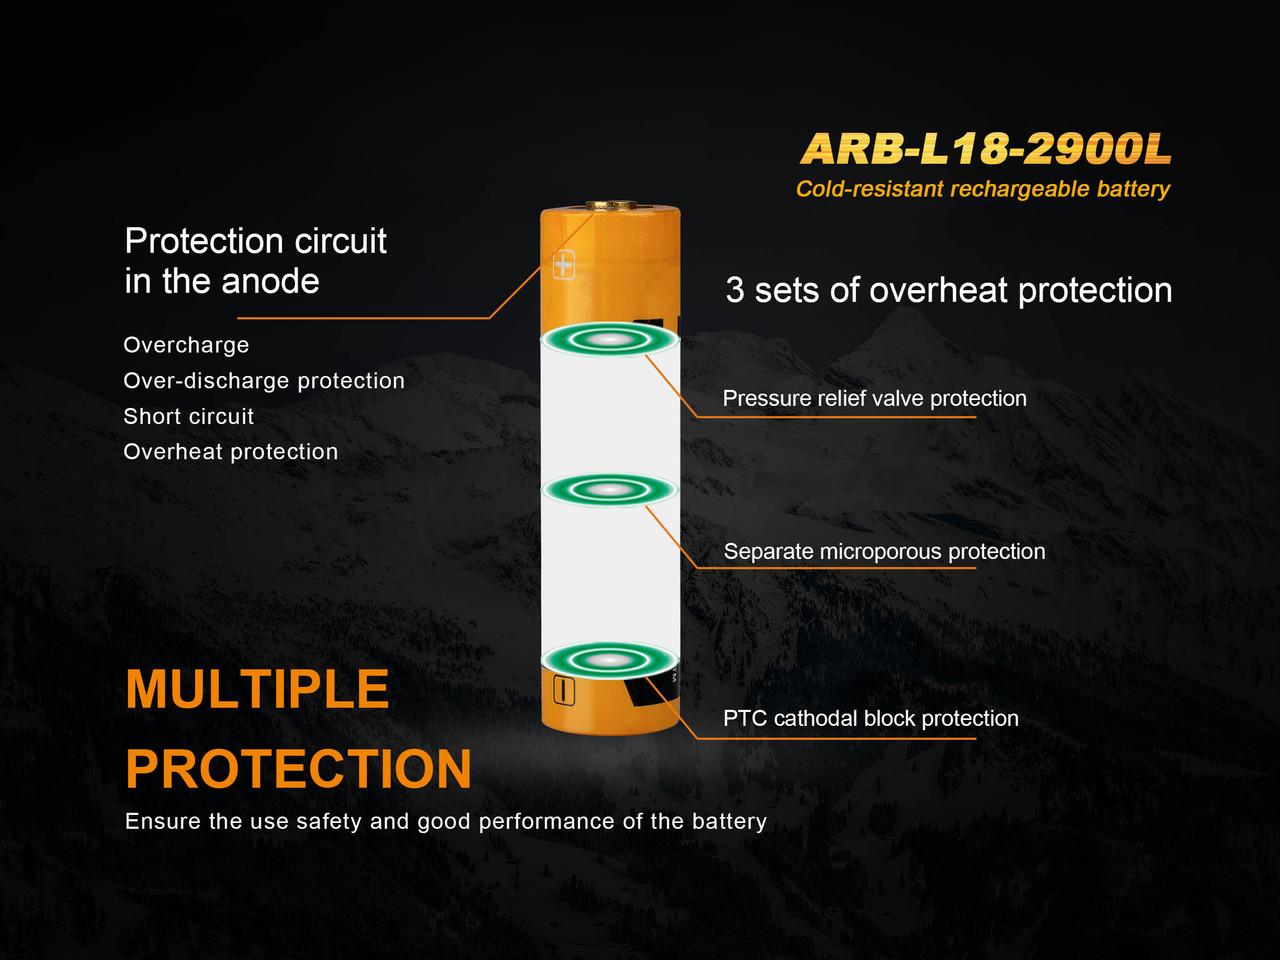 Fenix ARB-L182900L Cold-Resistant 18650 Rechargeable Battery